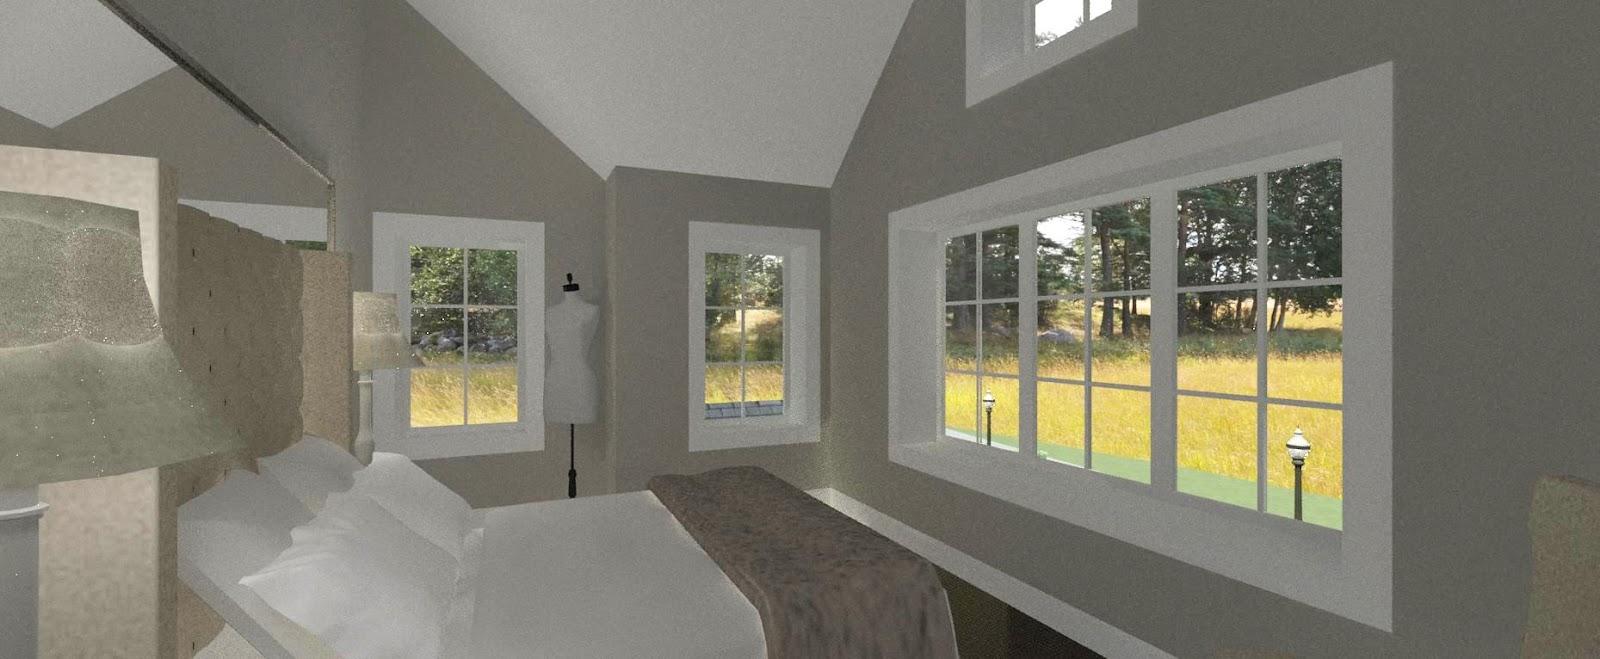 Dreams & coffees arkitekt  och projektblogg: klassiskt hus i puts ...